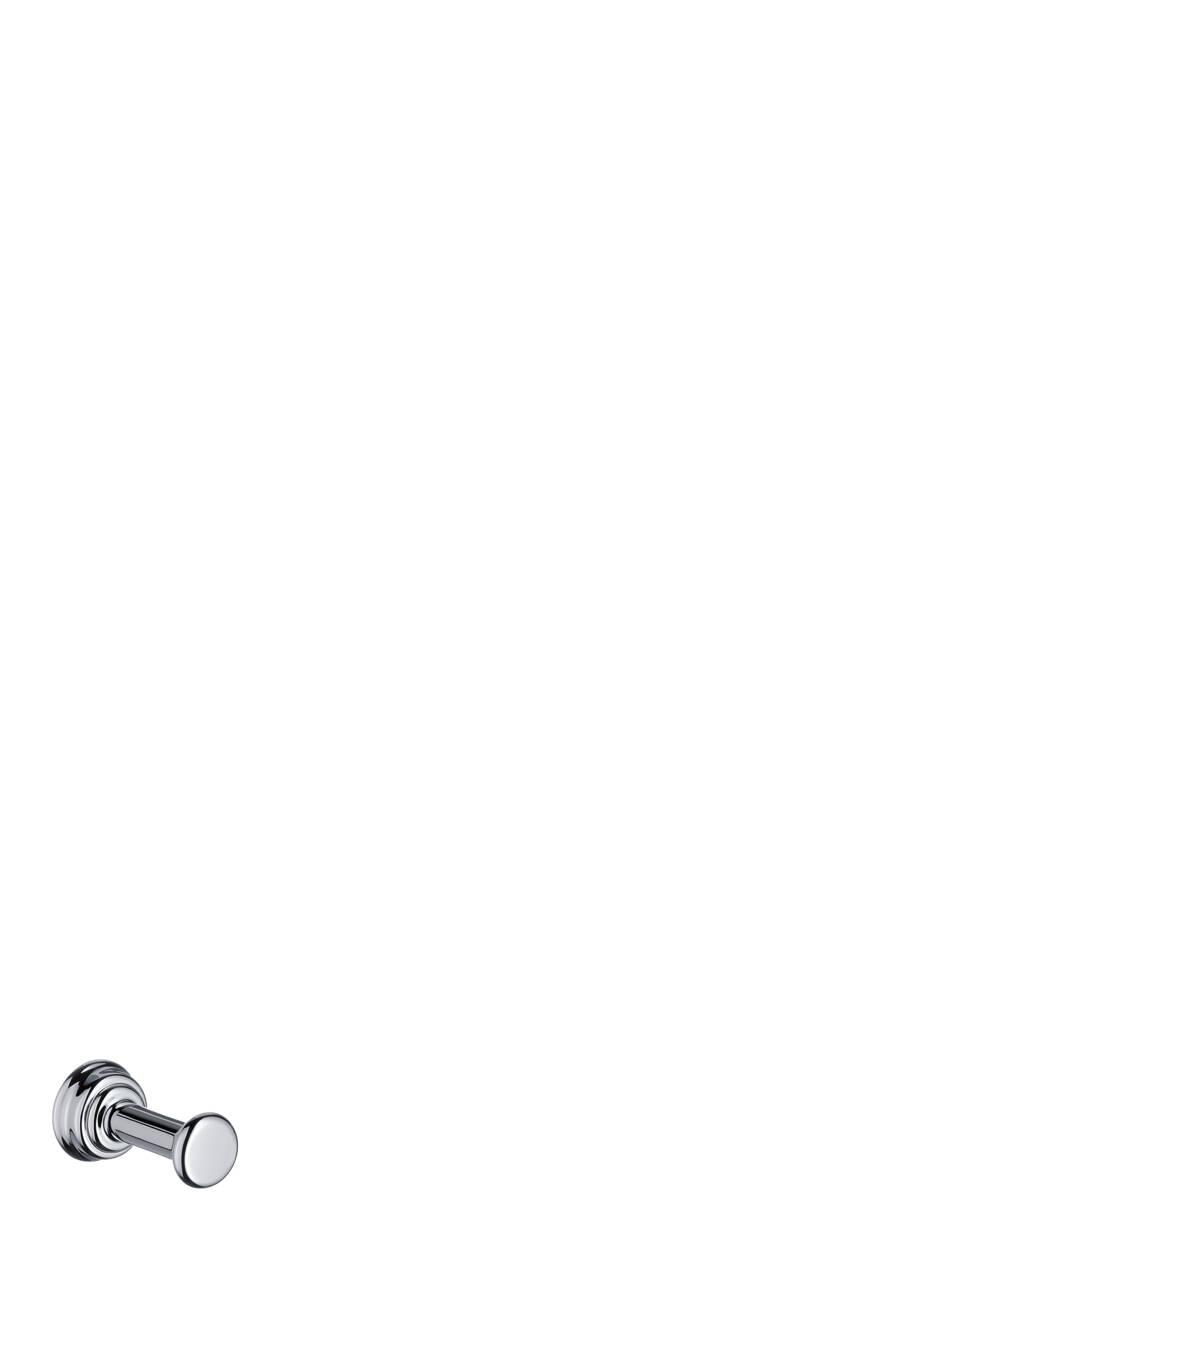 Single hook, Chrome, 42137000